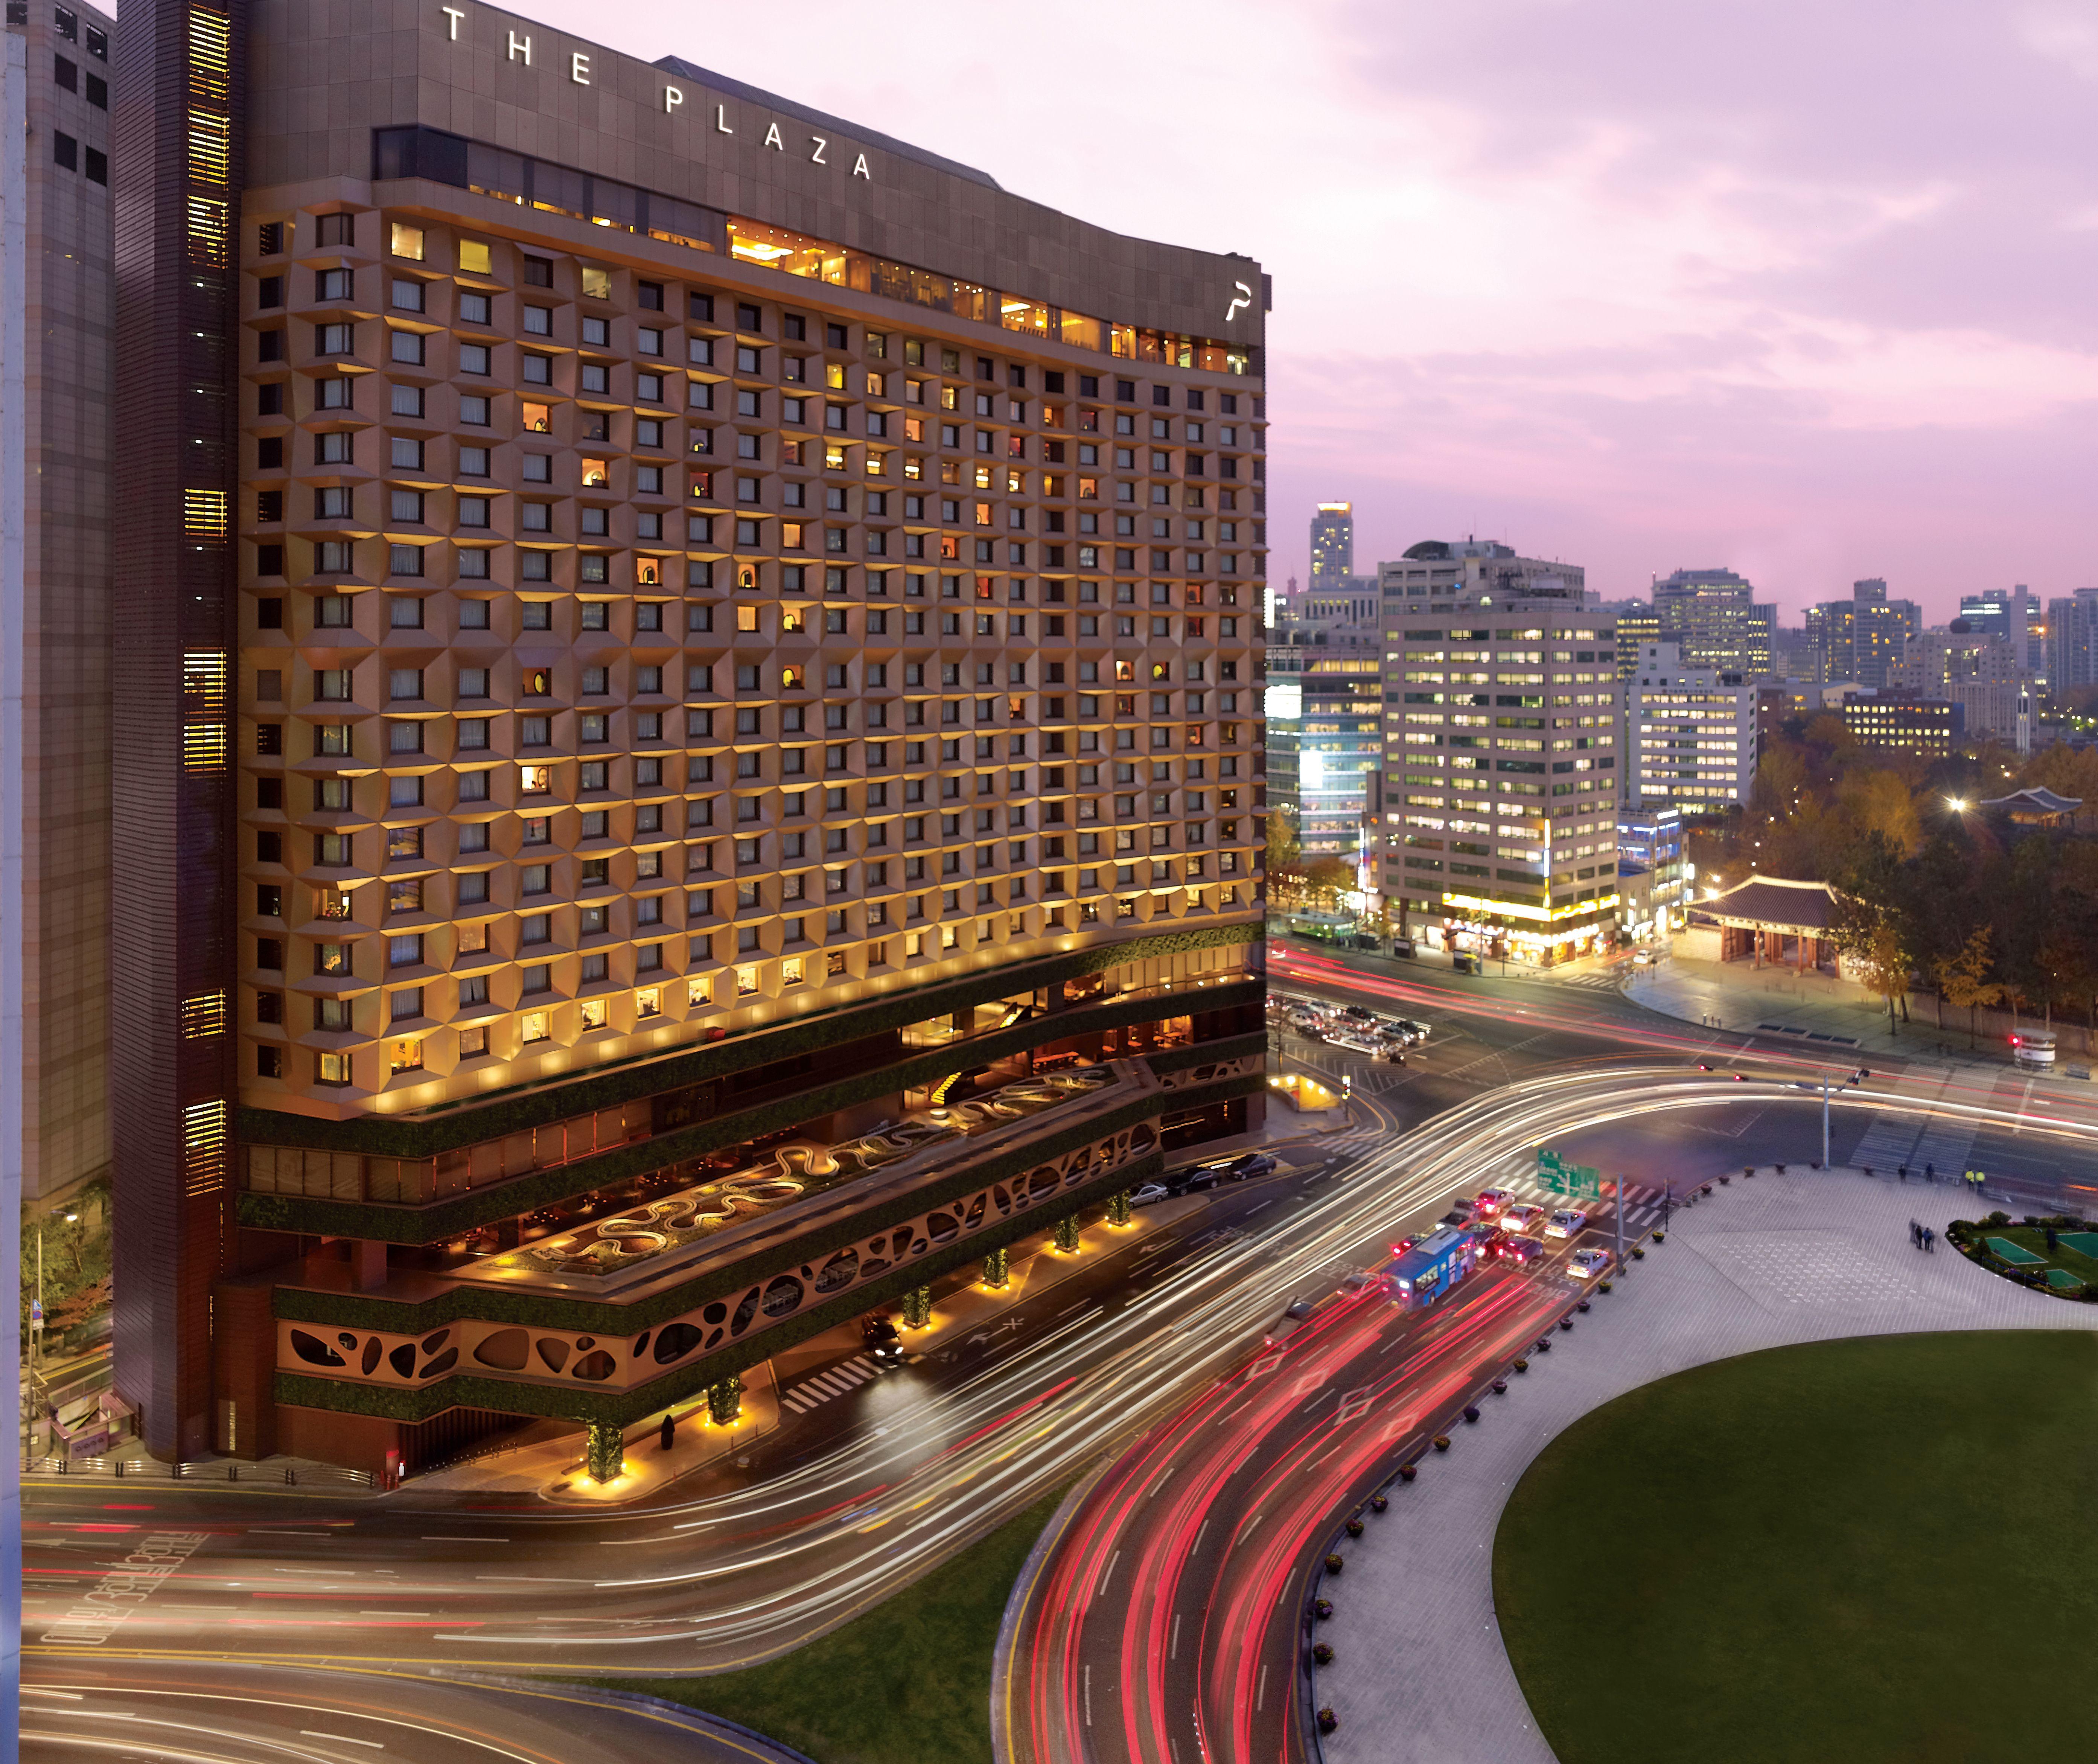 Main The Plaza Hotel Seoul